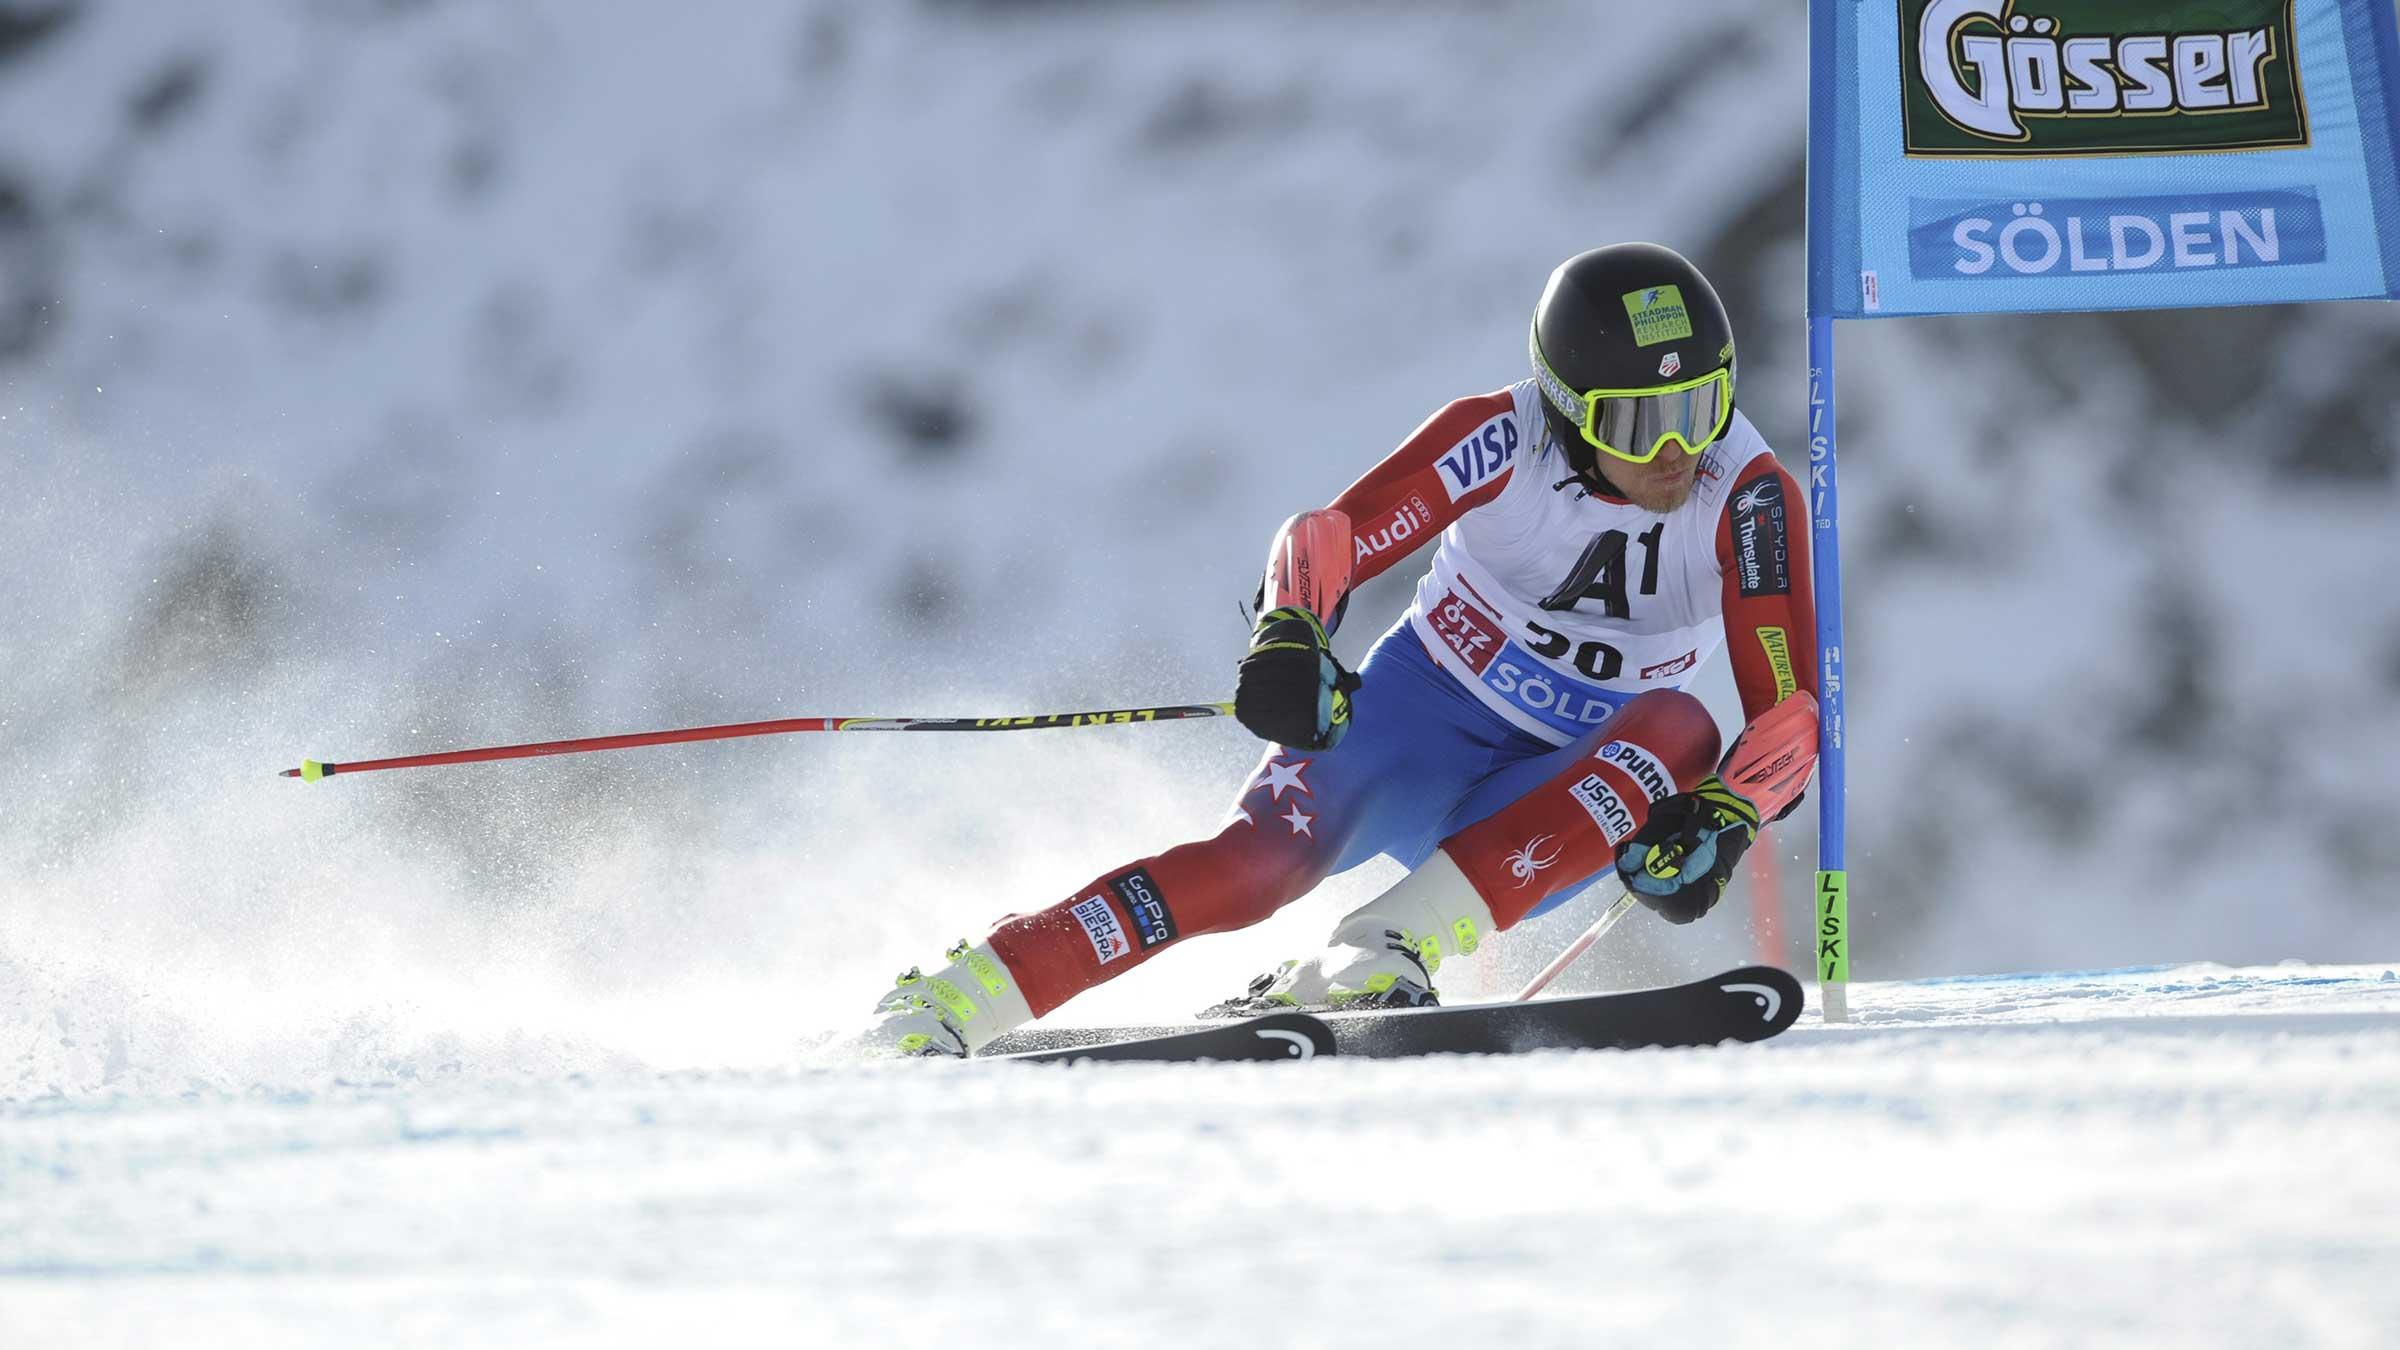 Watch out, St. Moritz! US Ski Team mit Sölder Rückenwind bei der WM